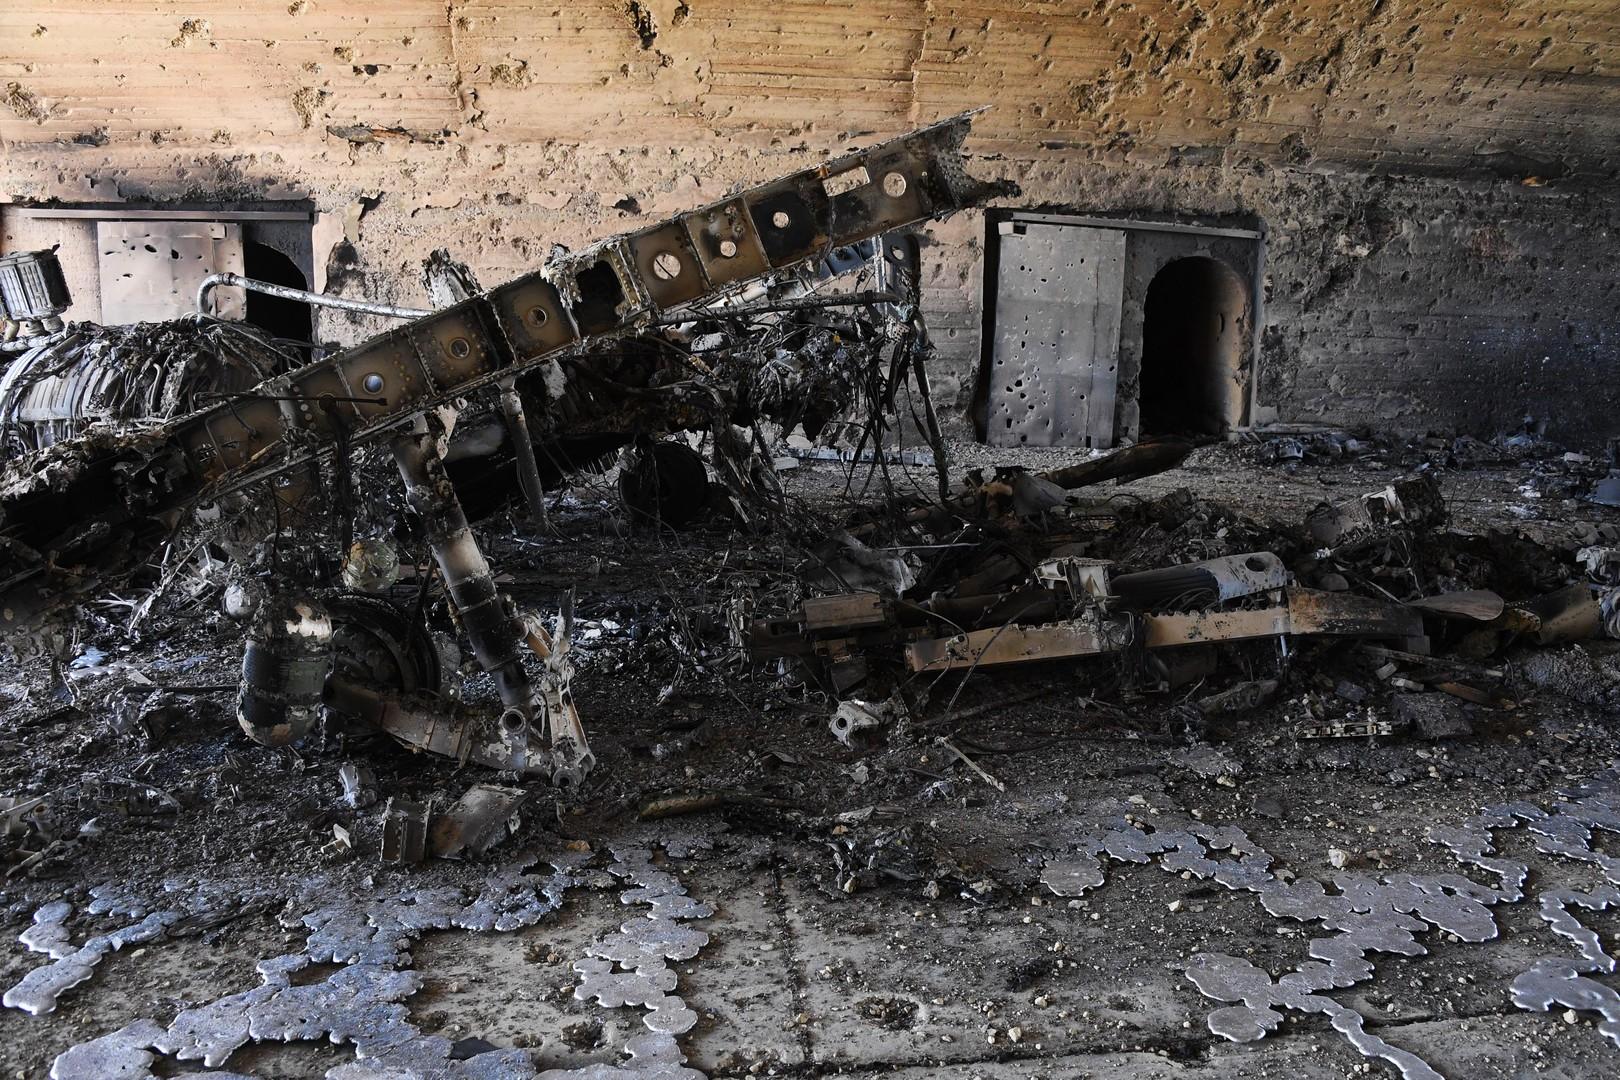 Folgen des US-Luftangriffs auf den syrischen Luftwaffenstützpunkt Al-Schairat